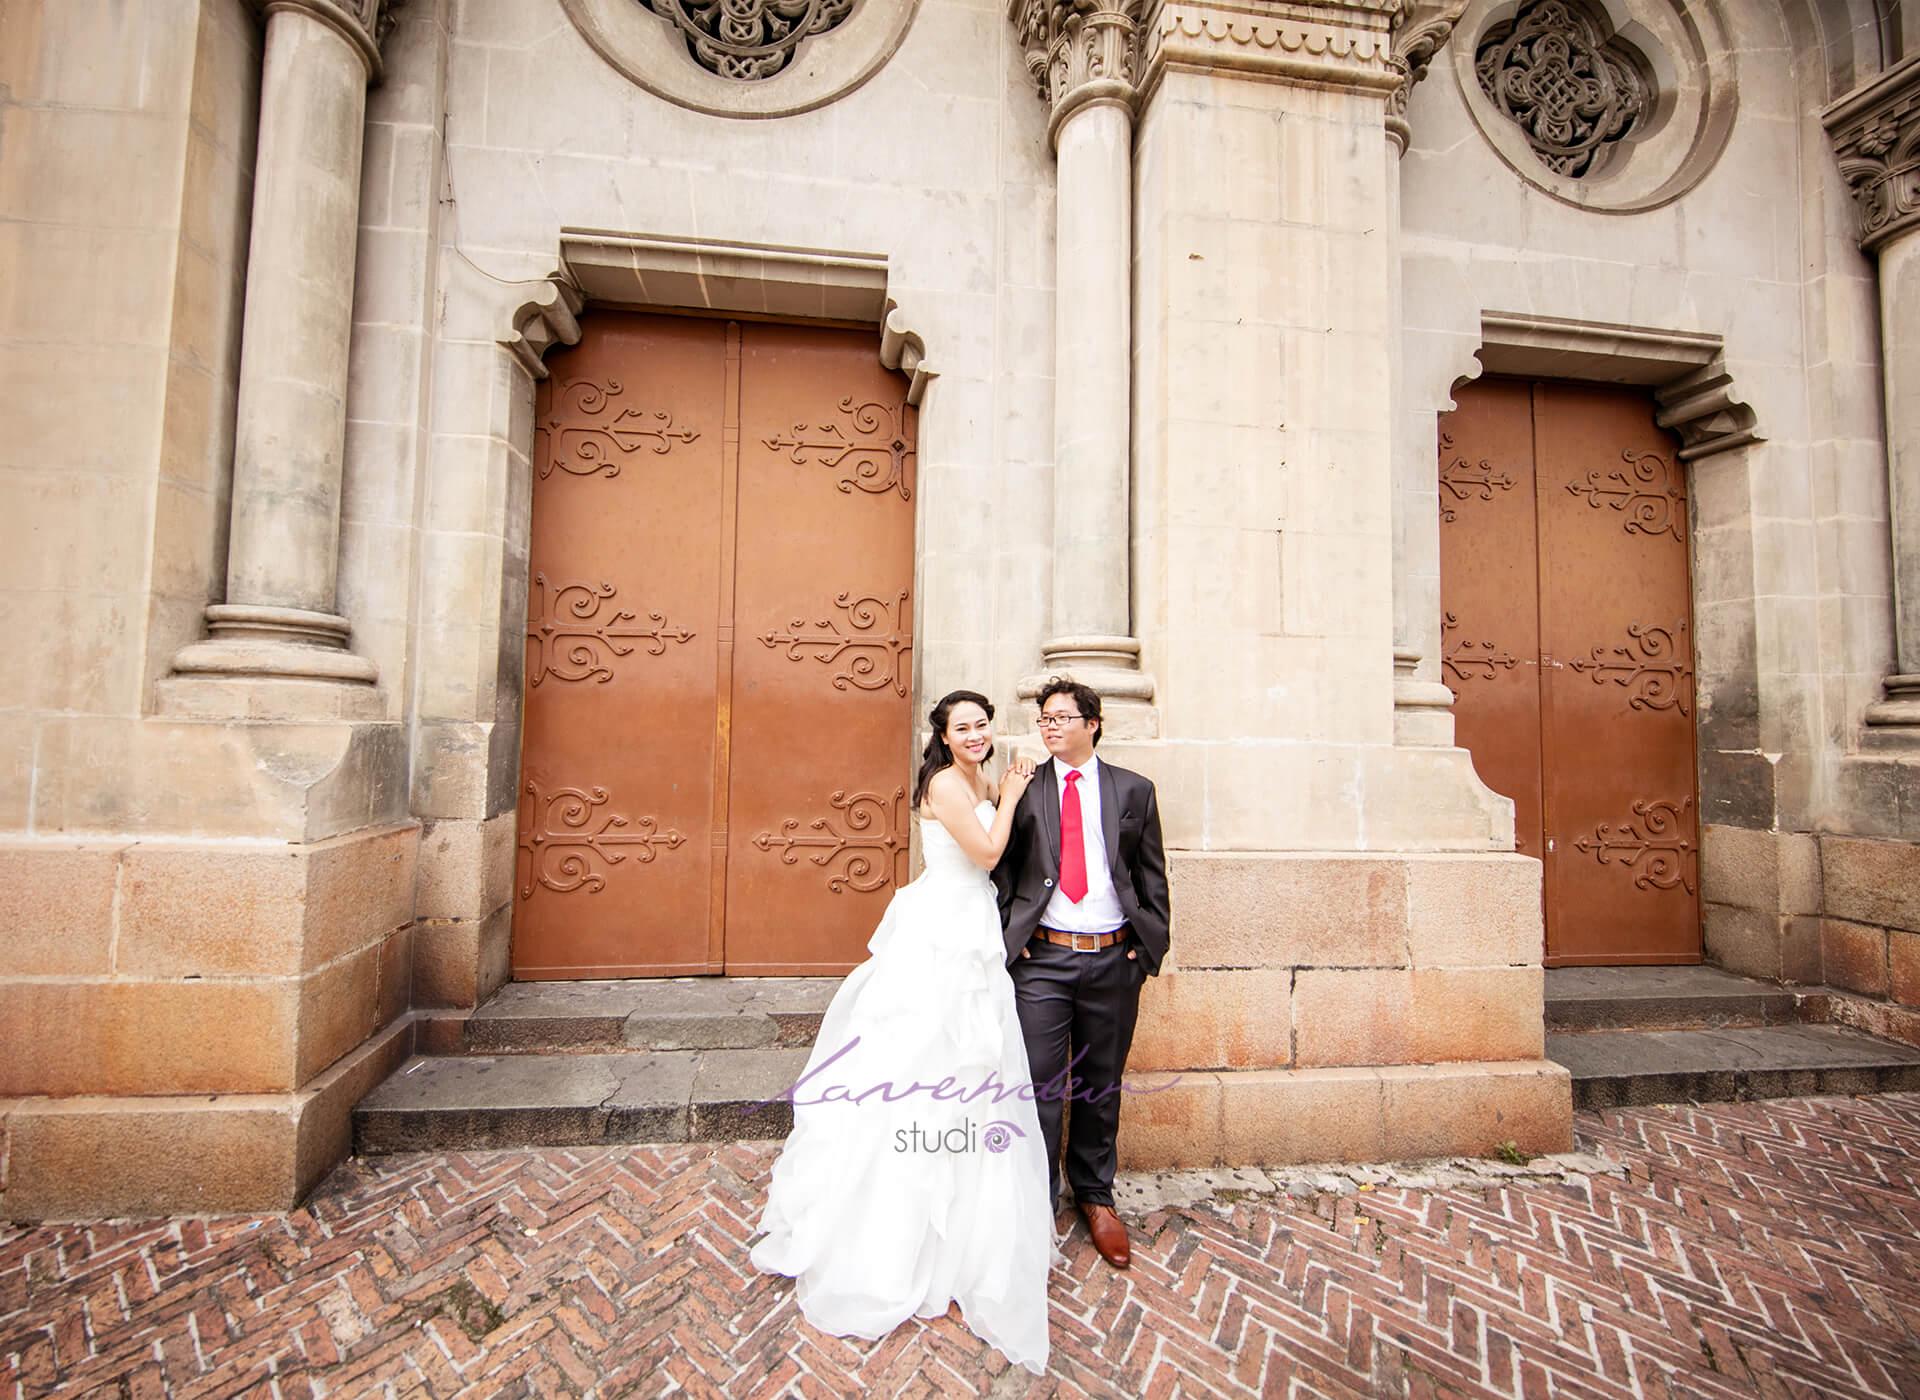 Studio hình cưới đẹp và rẻ tại Sài gòn